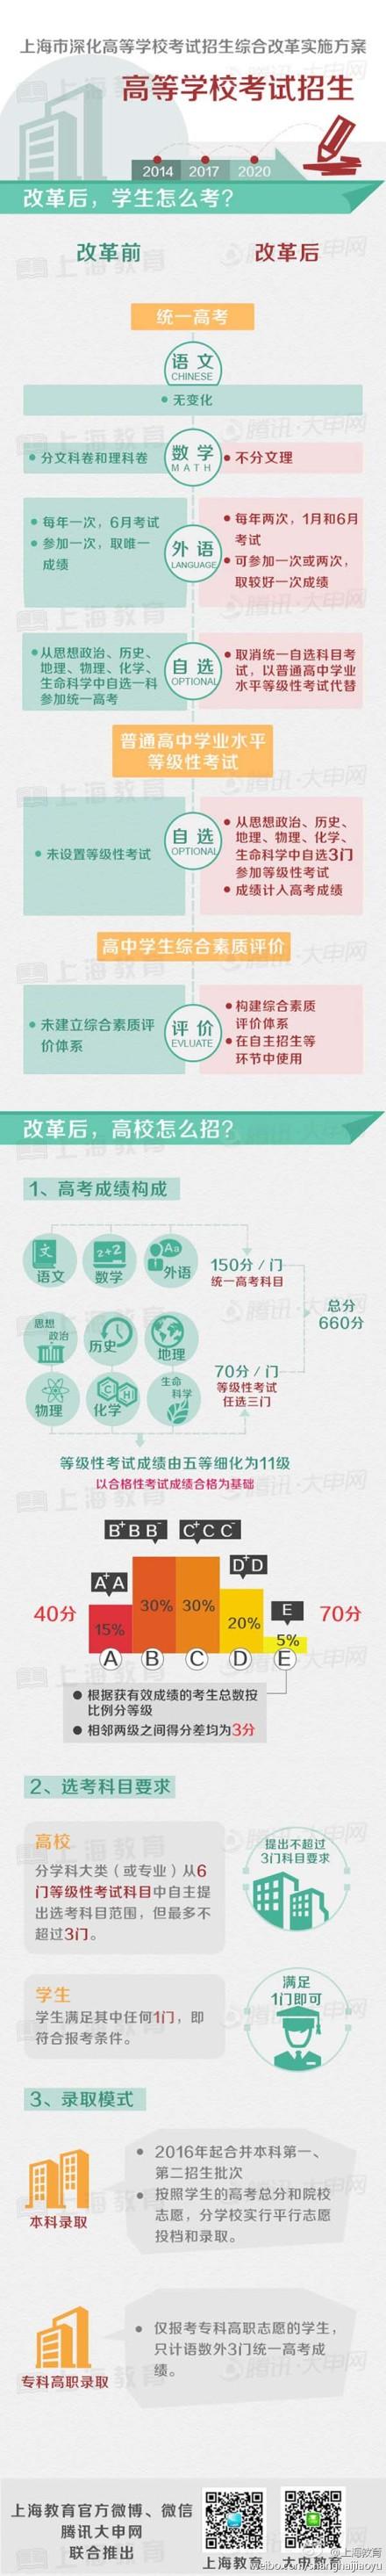 图解上海高考综合改革方案3